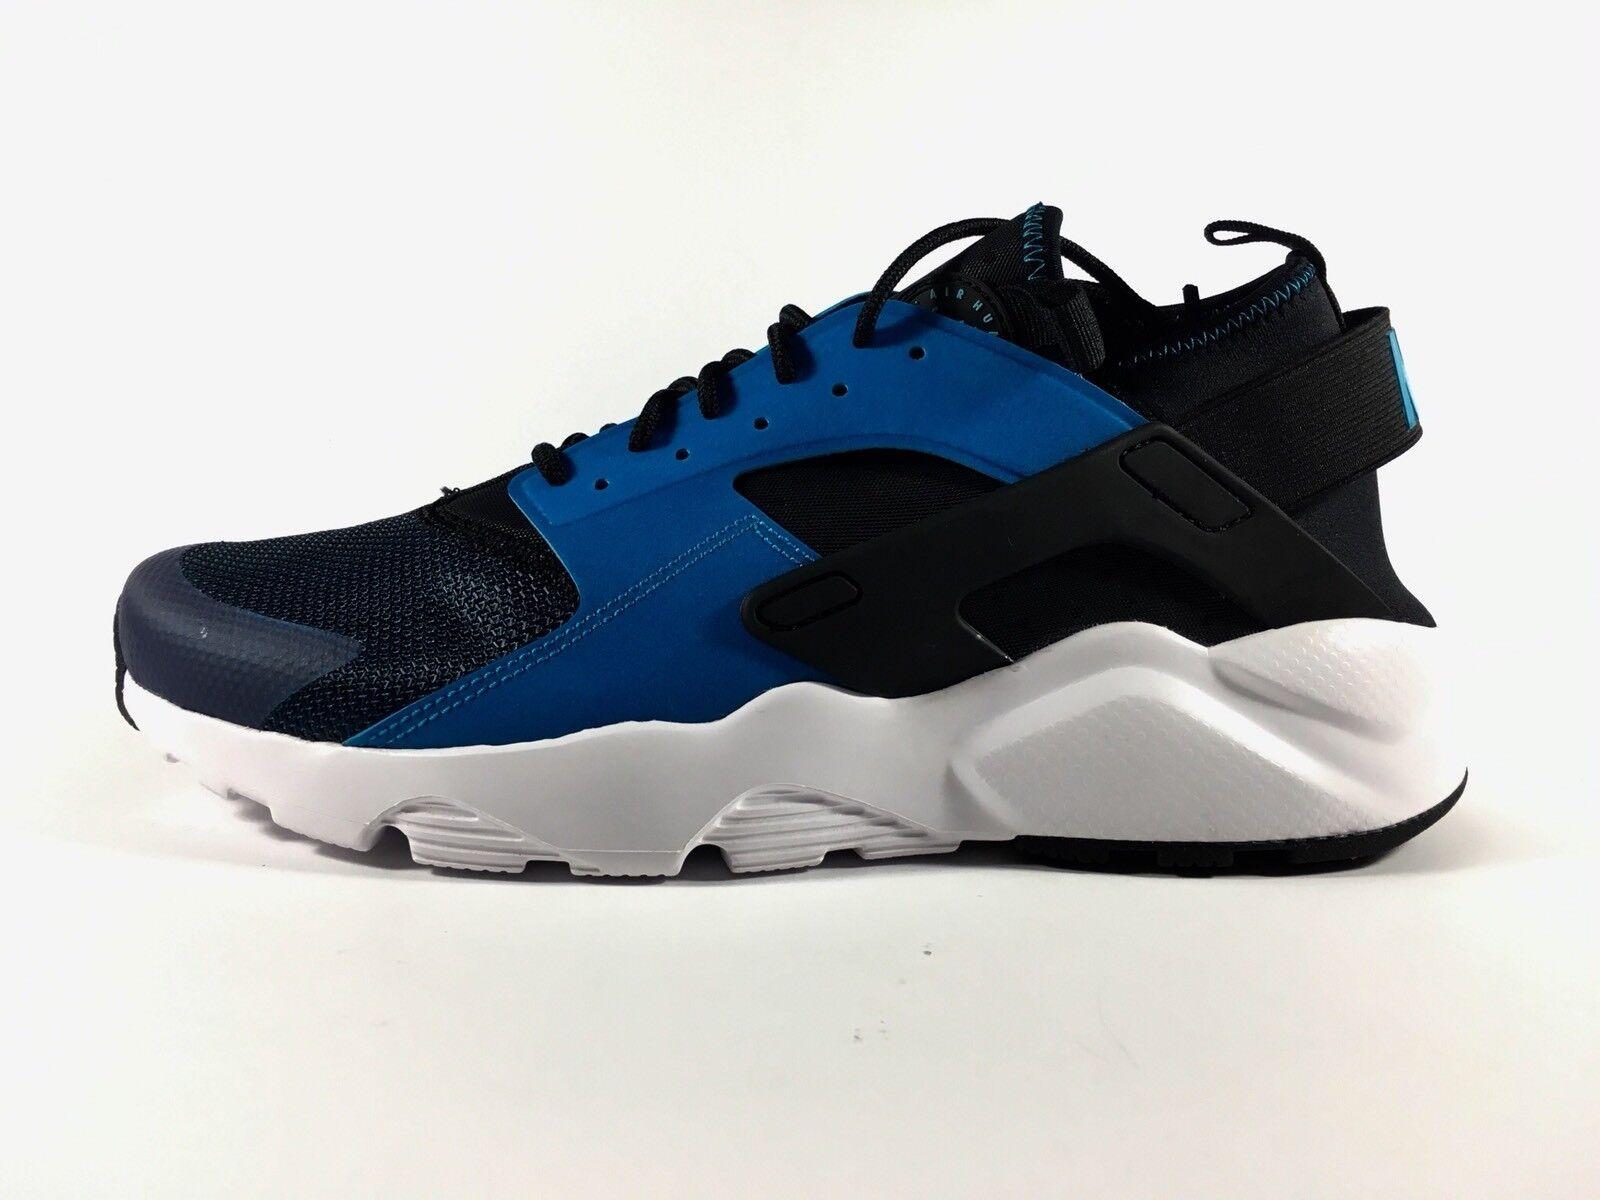 27f003026ec6 Nike Air Huarache Run Ultra Blue Lagoon   White       Black Size 12 819685  401 4e2844